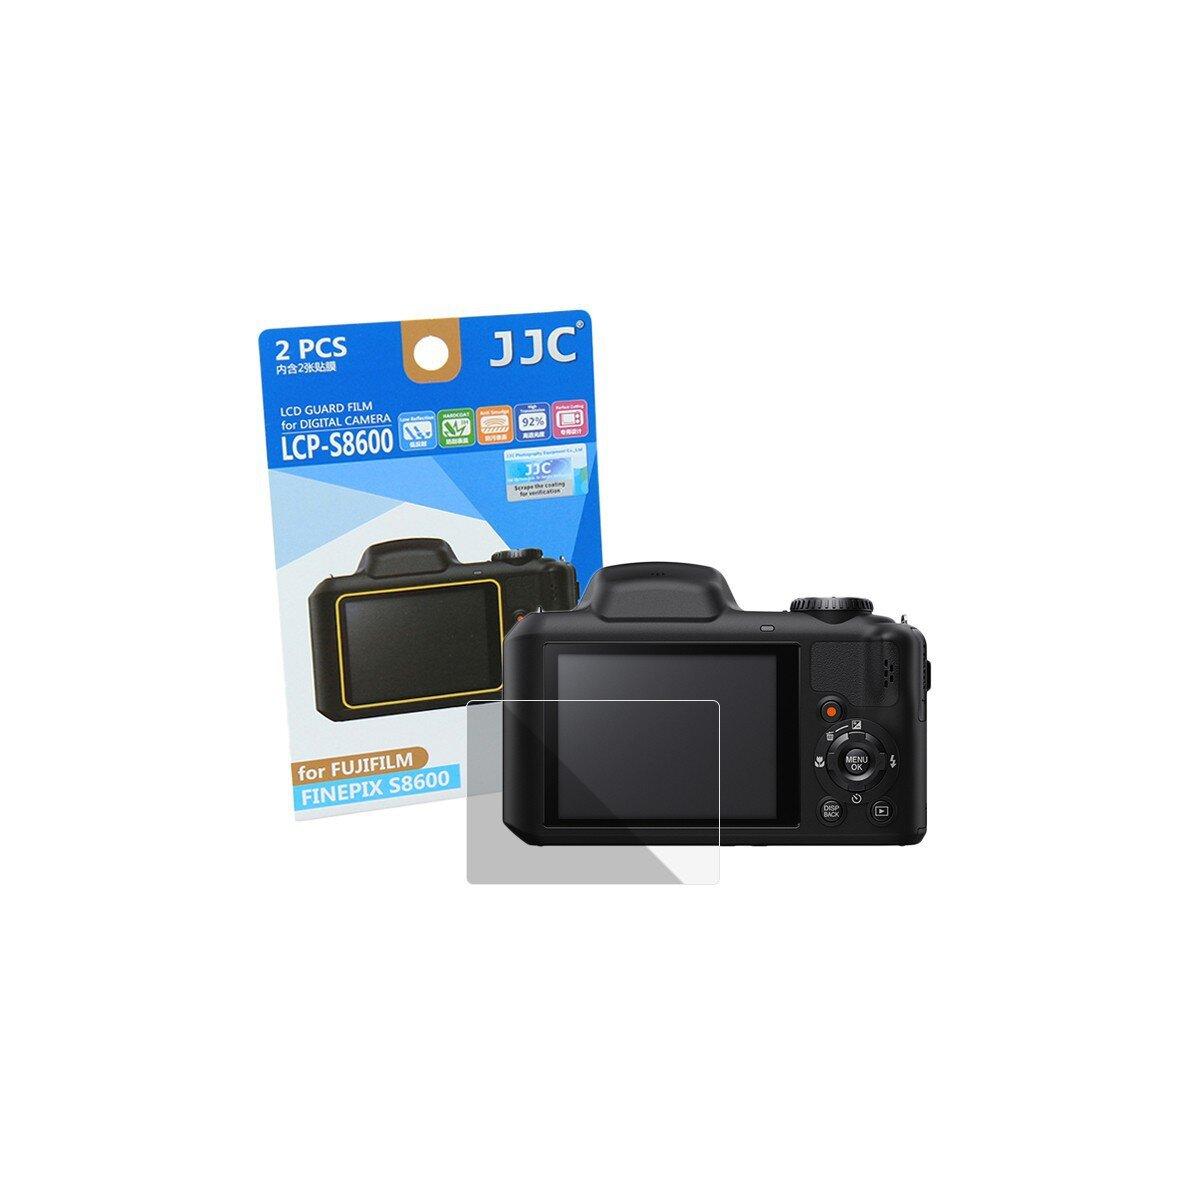 JJC LCP-S8600 Displayschutzfolie Screen Protector Kratzschutz passgenau kompatibel für Fujifilm Finepix S8600